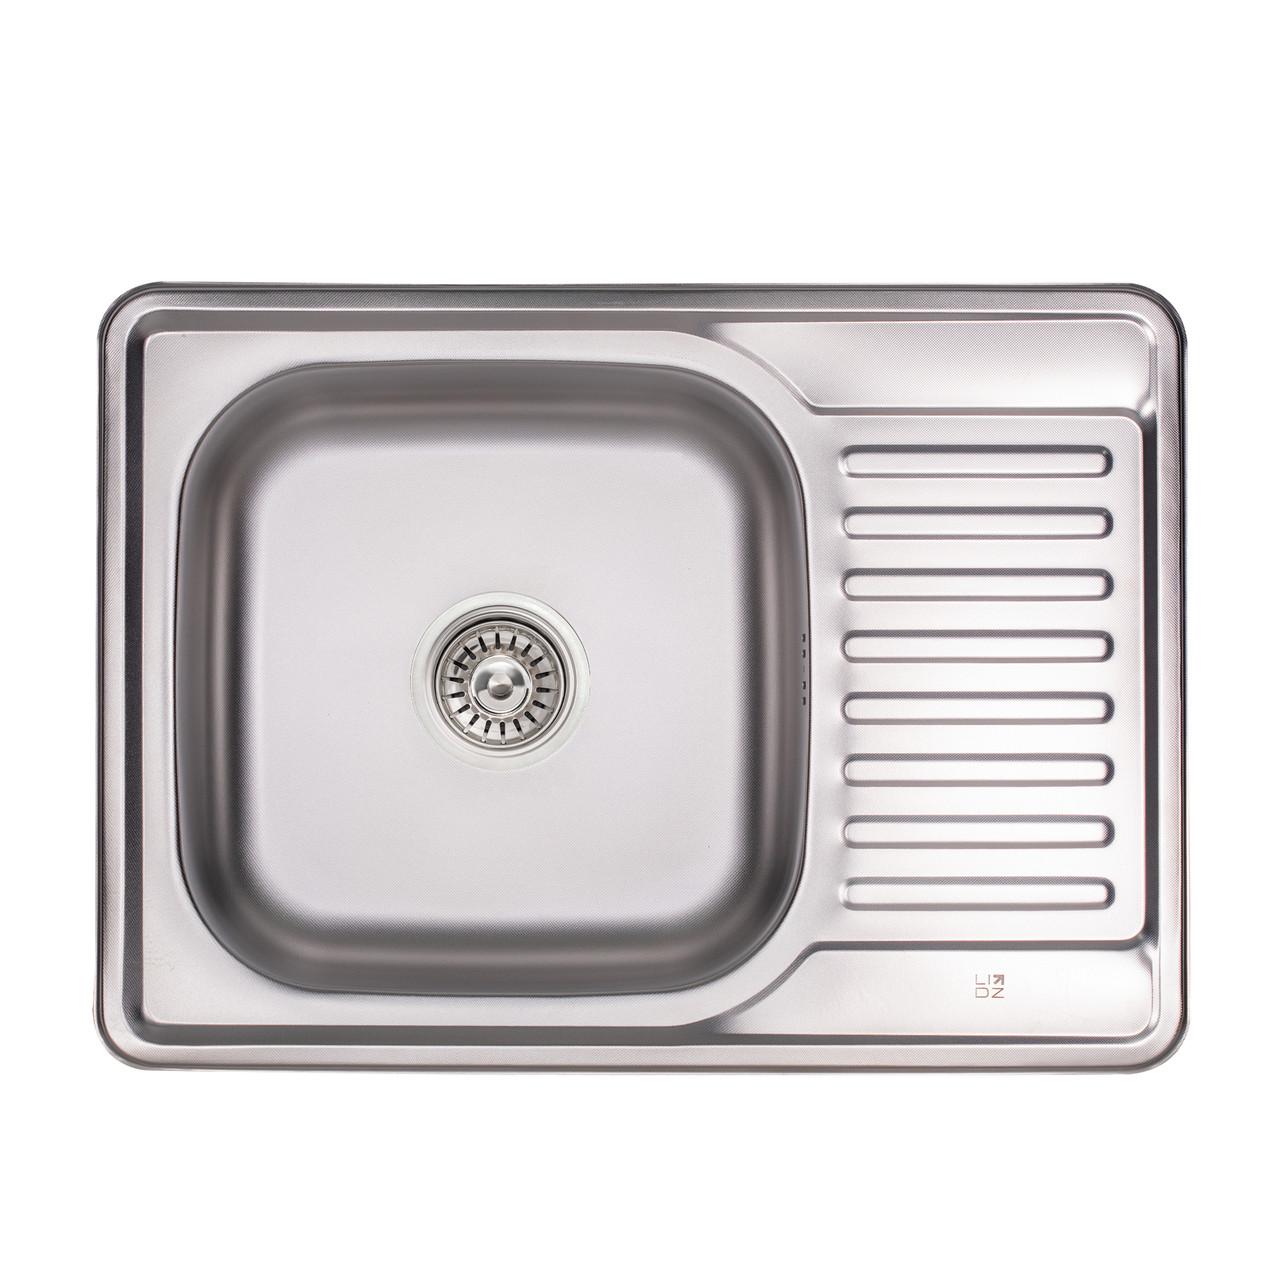 Кухонная мойка Lidz 6950 Micro Decor 0,8 мм (LIDZ6350MDEC)